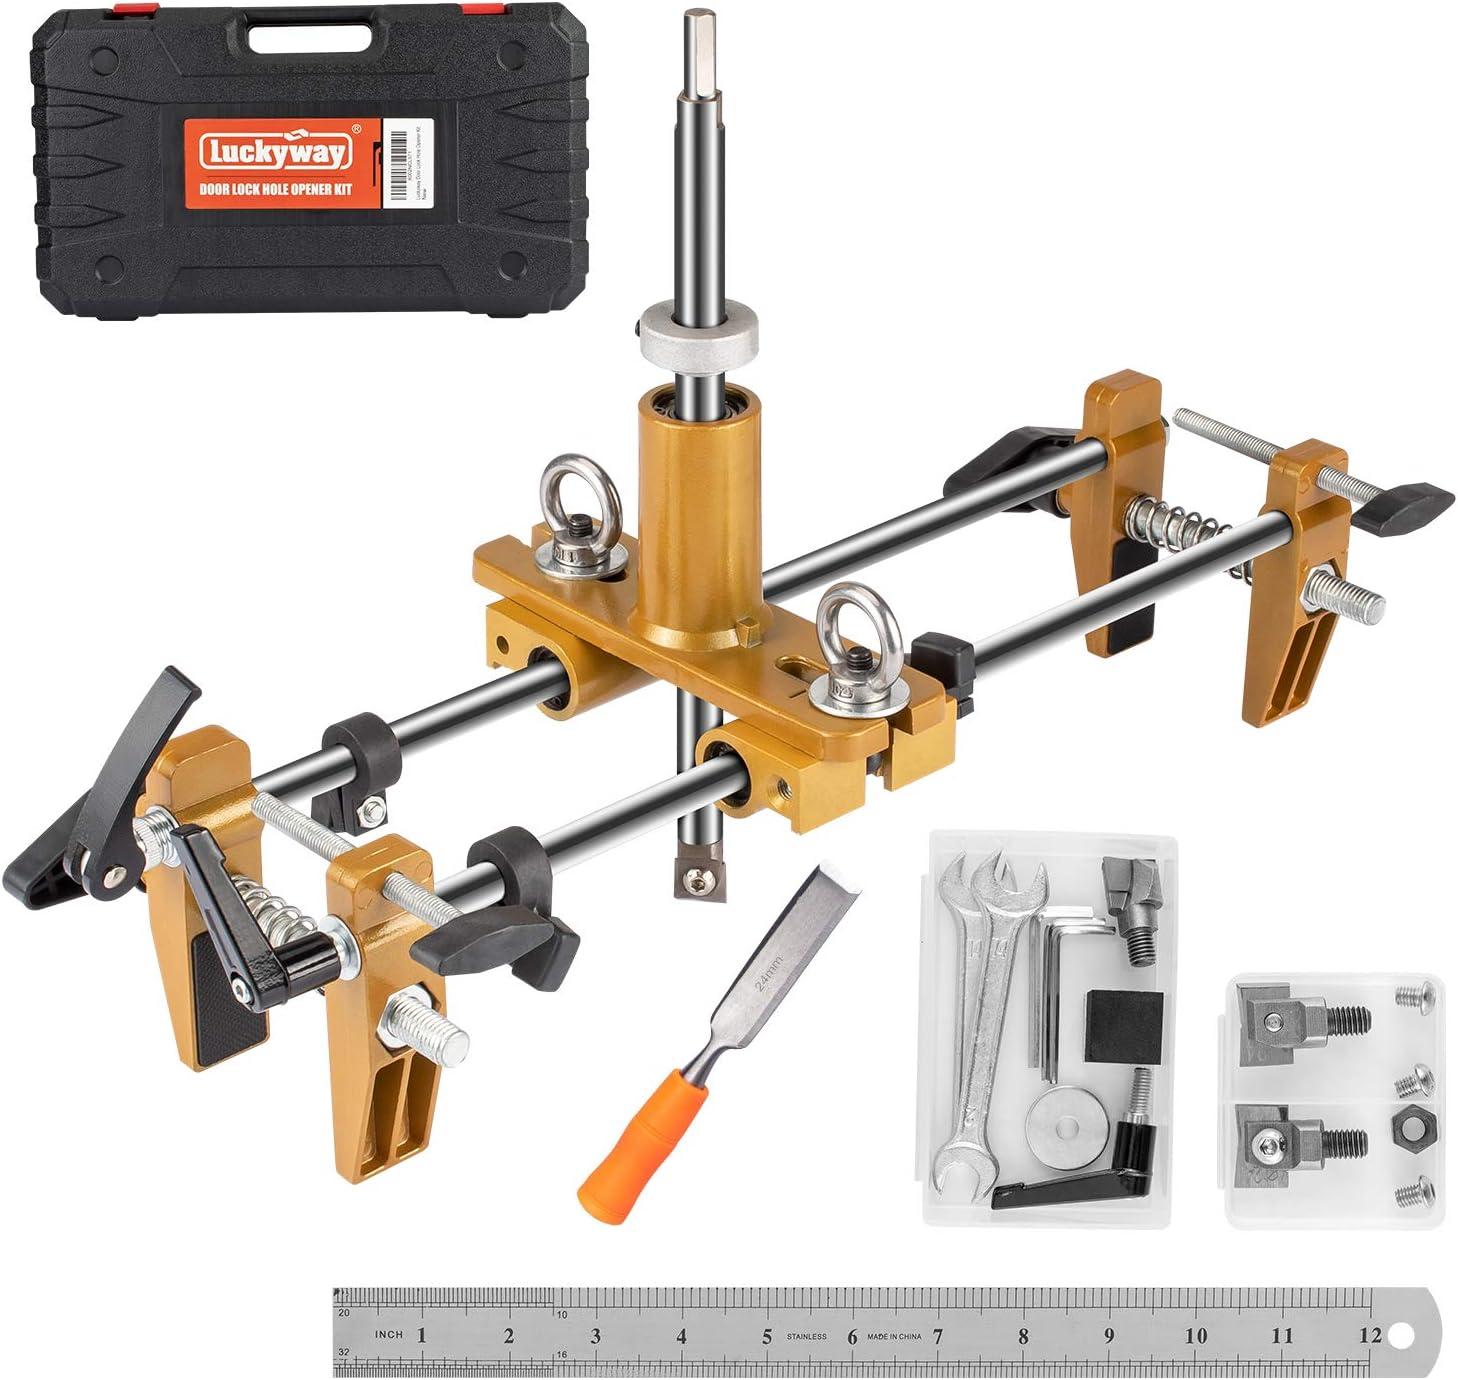 Luckyway Door Lock Hole Opener Time sale Doo Kit Popularity for Wooden Mortiser